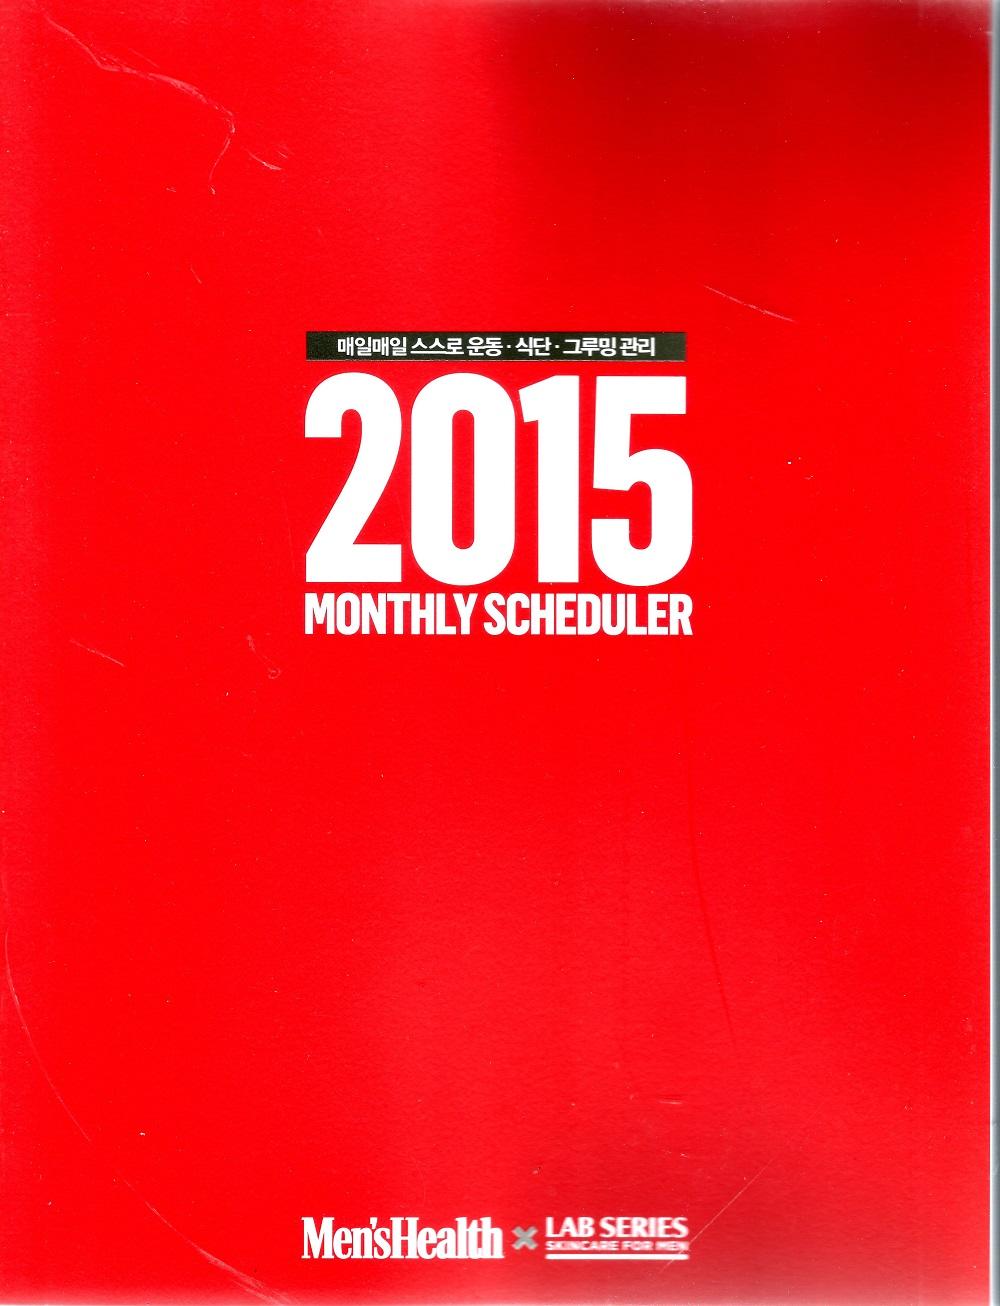 Men's Health Jan 15, scheduler